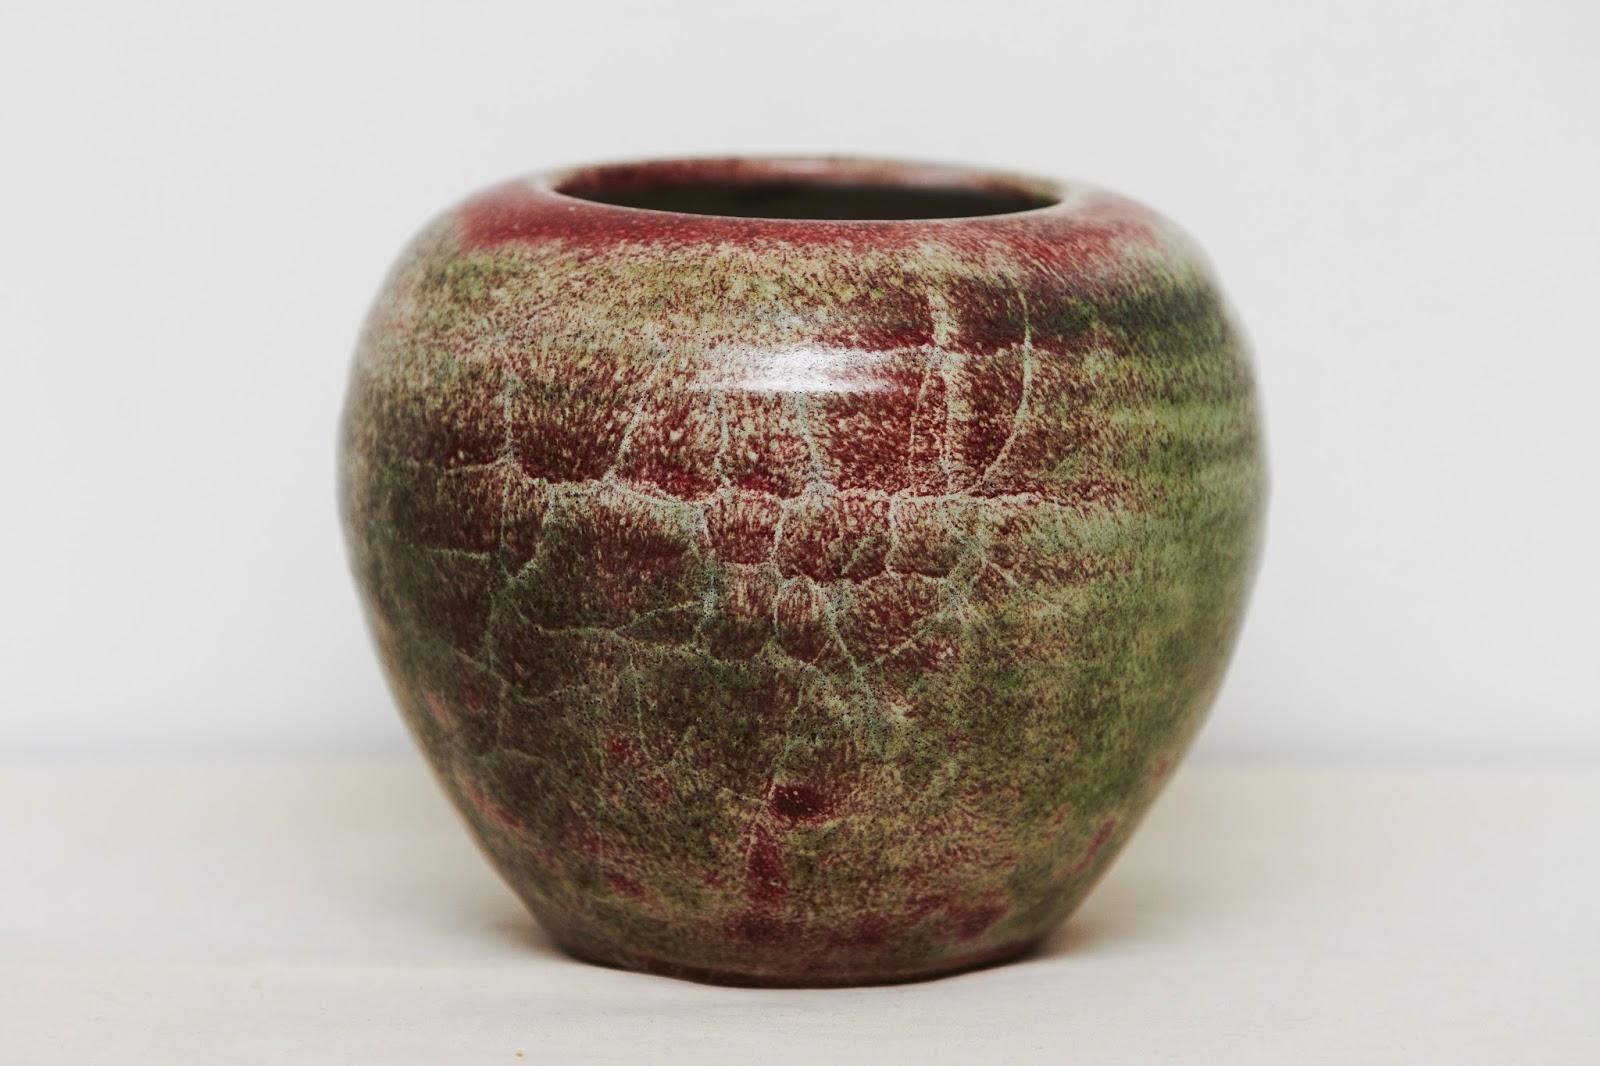 dagnæs keramik Dagnæs Keramik vase with red glaze | Ceramics, early 20th century dagnæs keramik